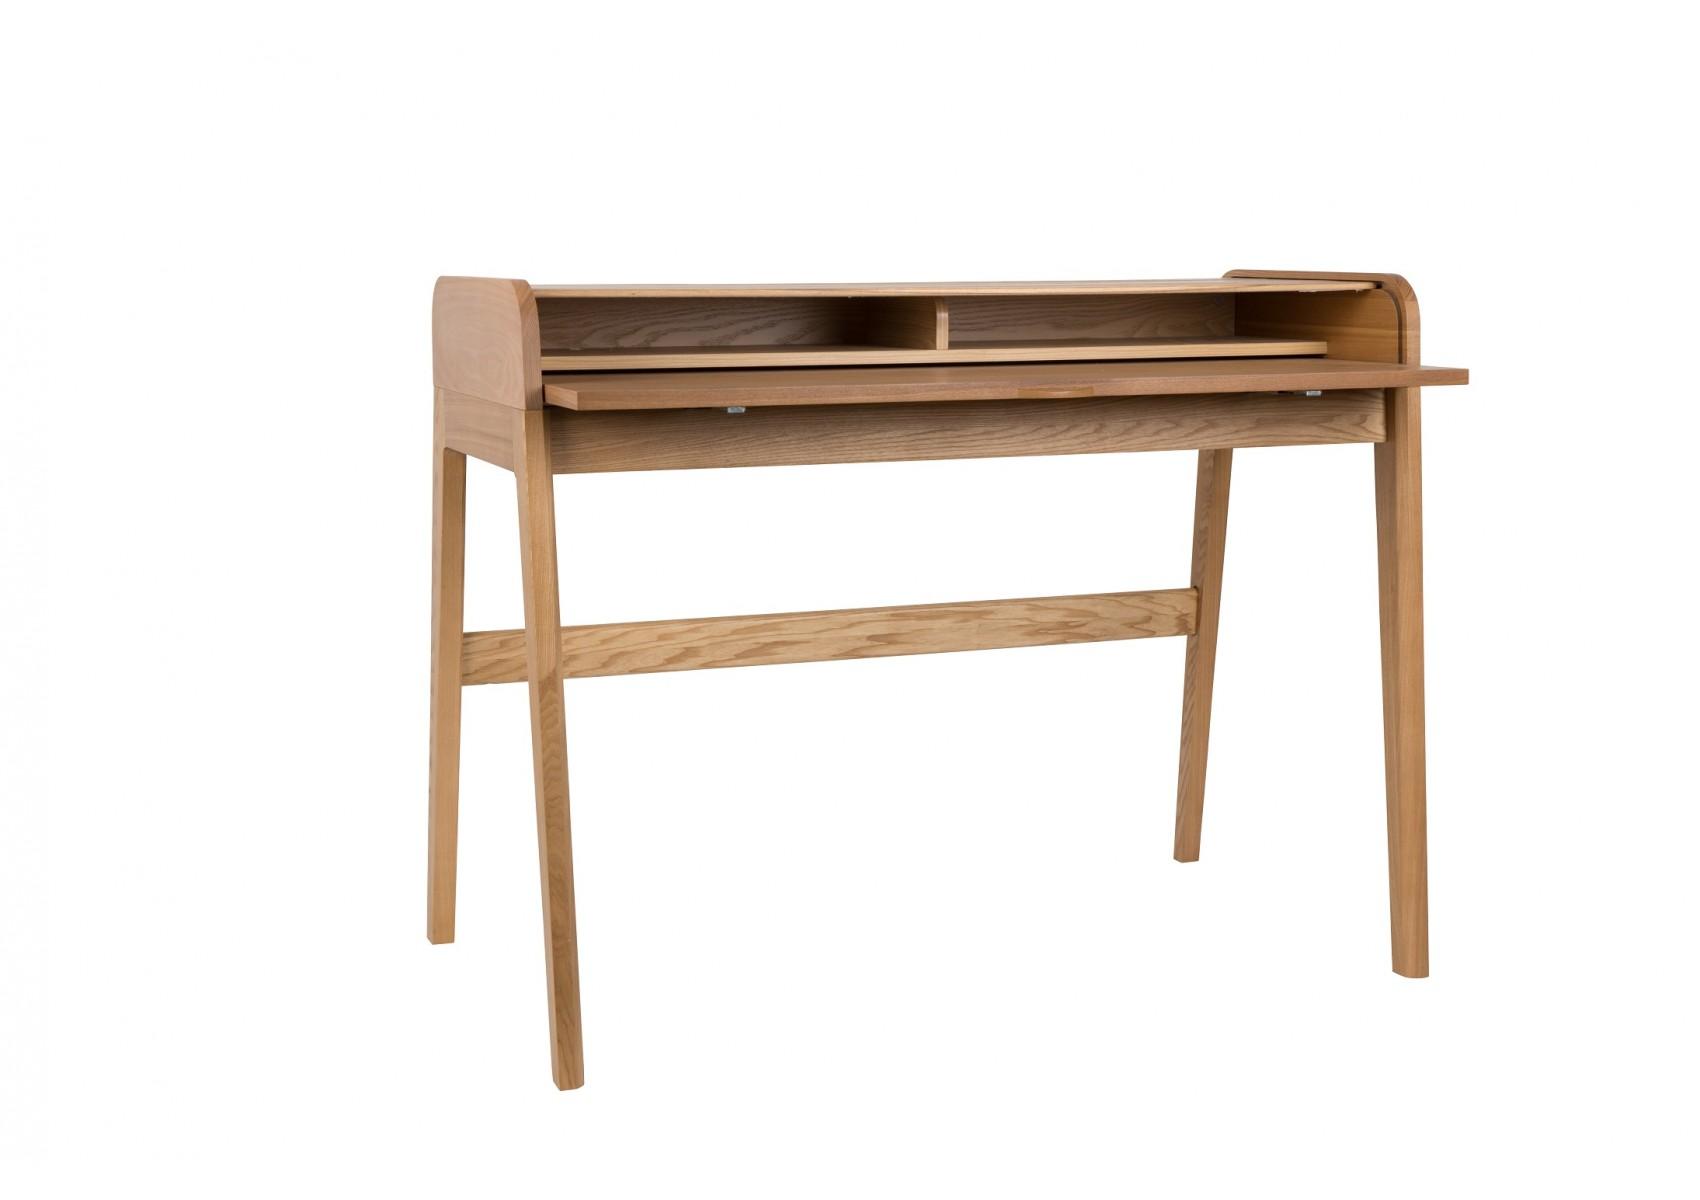 Bureau design bois belle best bureau bois industriel joshkrajcik